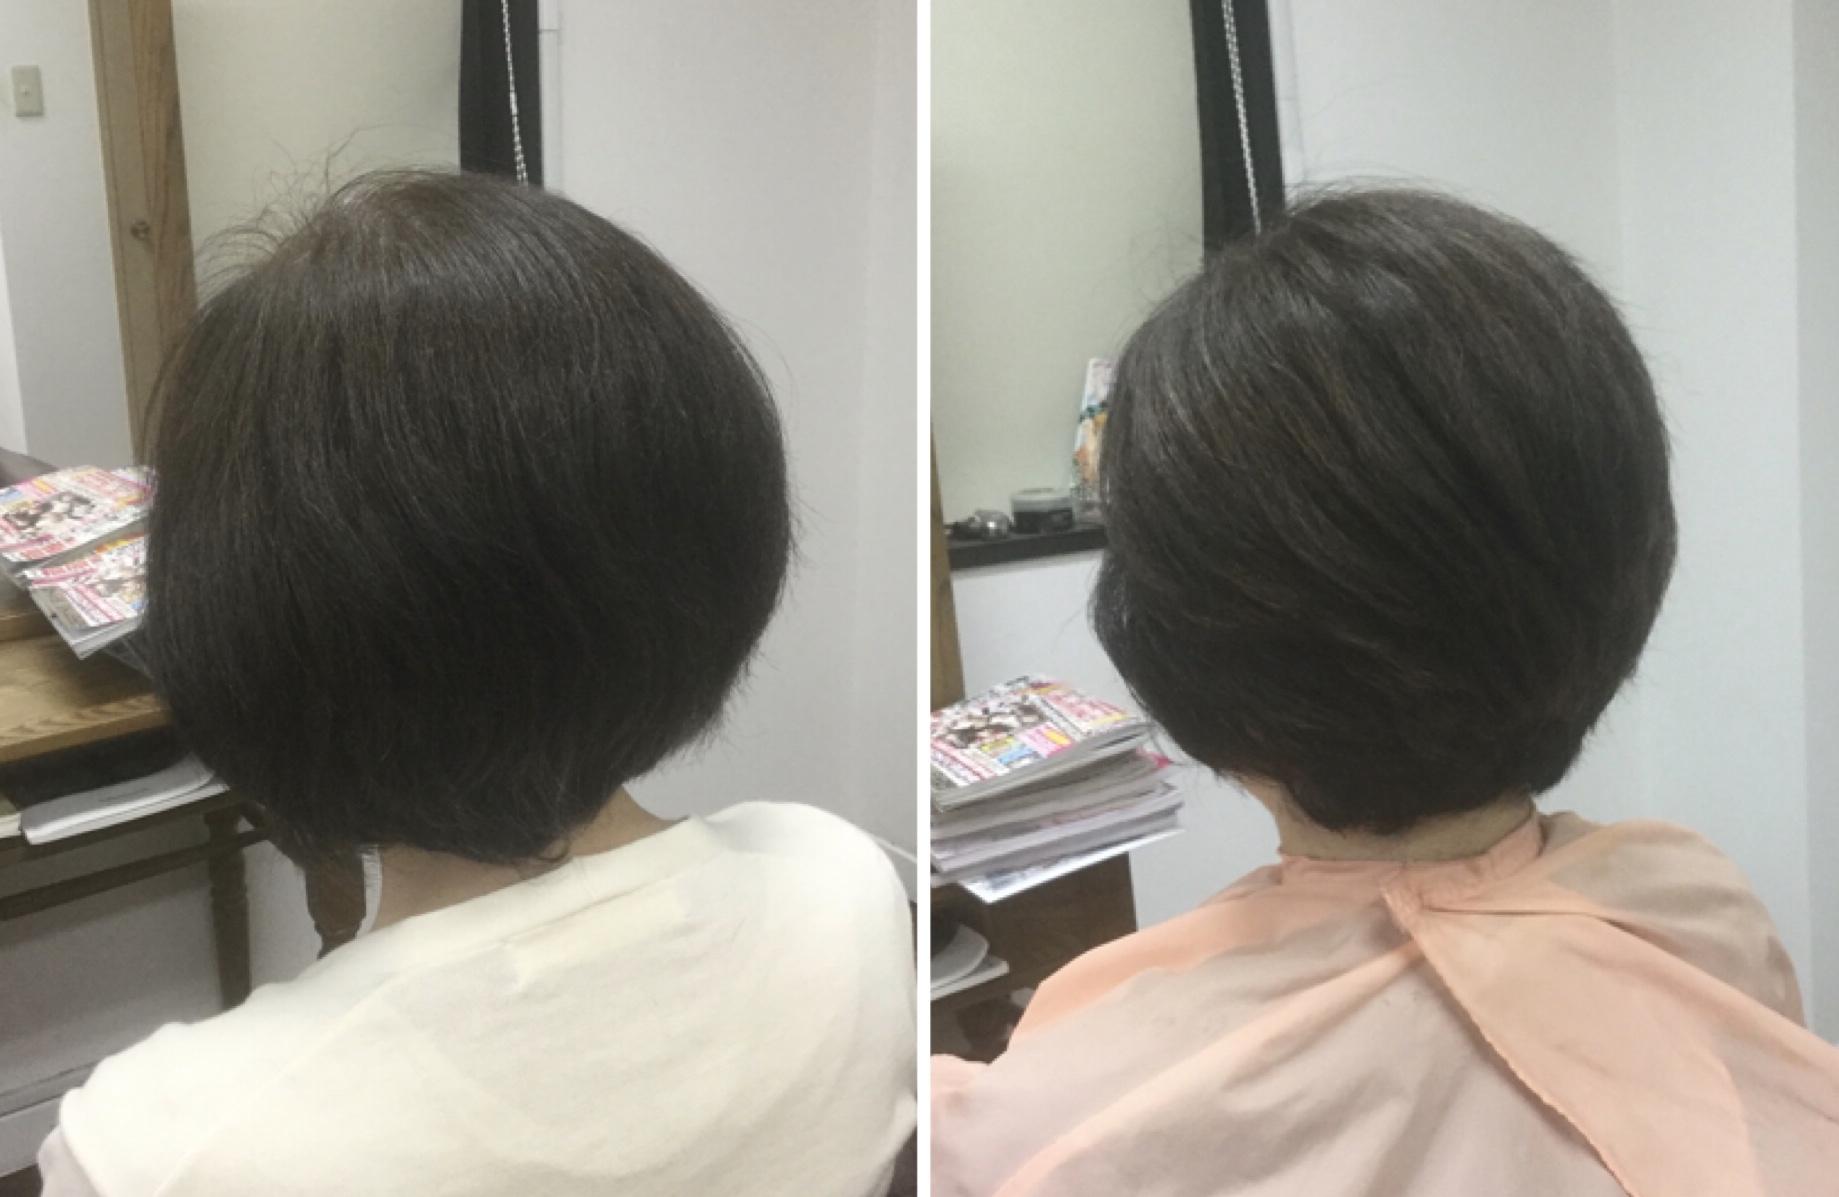 ゴワゴワした髪質でもキュビズムカット®︎で収まり良くする神戸摂津本山美容室アバディ